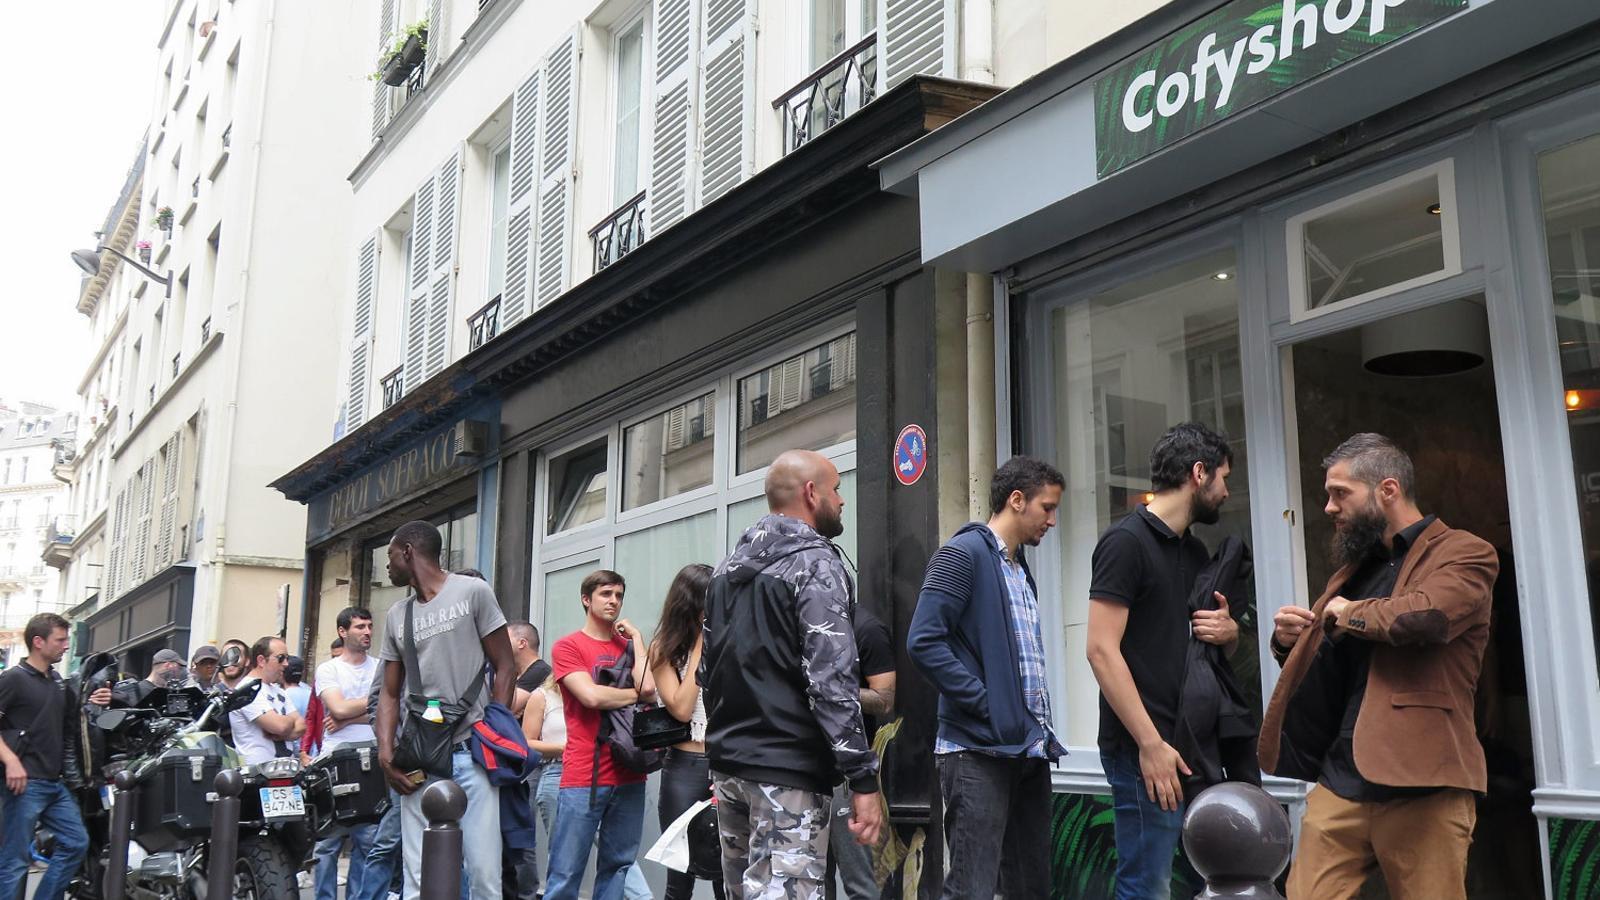 Les botigues de cànnabis legal fan furor a París